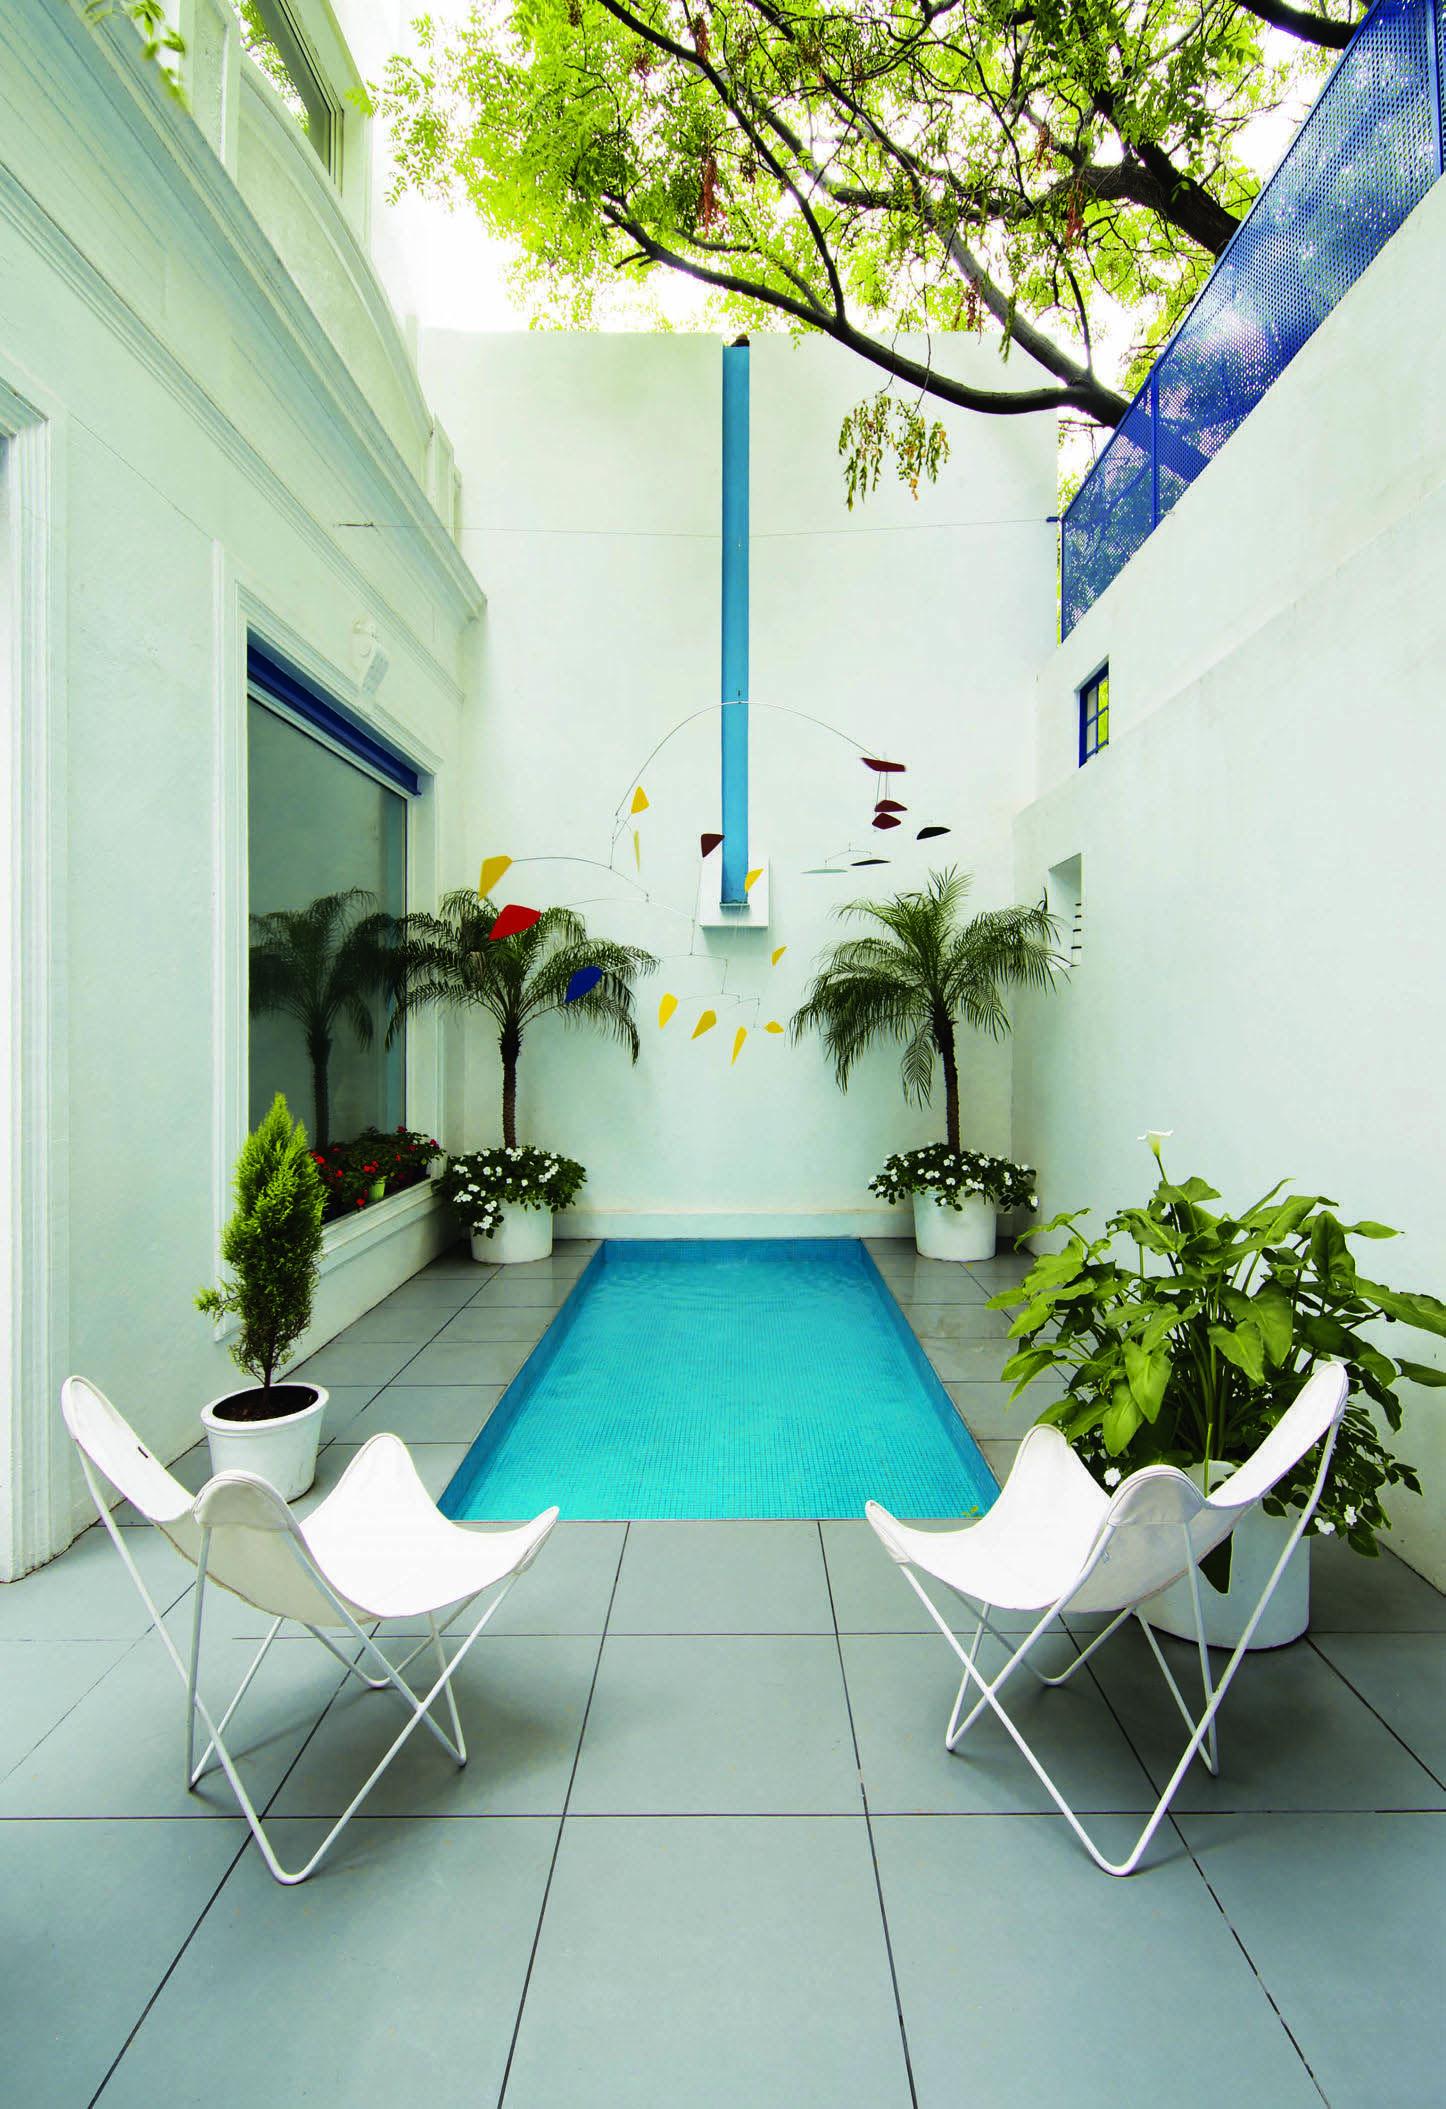 Un patio donde cuelgan m viles del estilo de los de calder for Patios de casas modernas con piscina